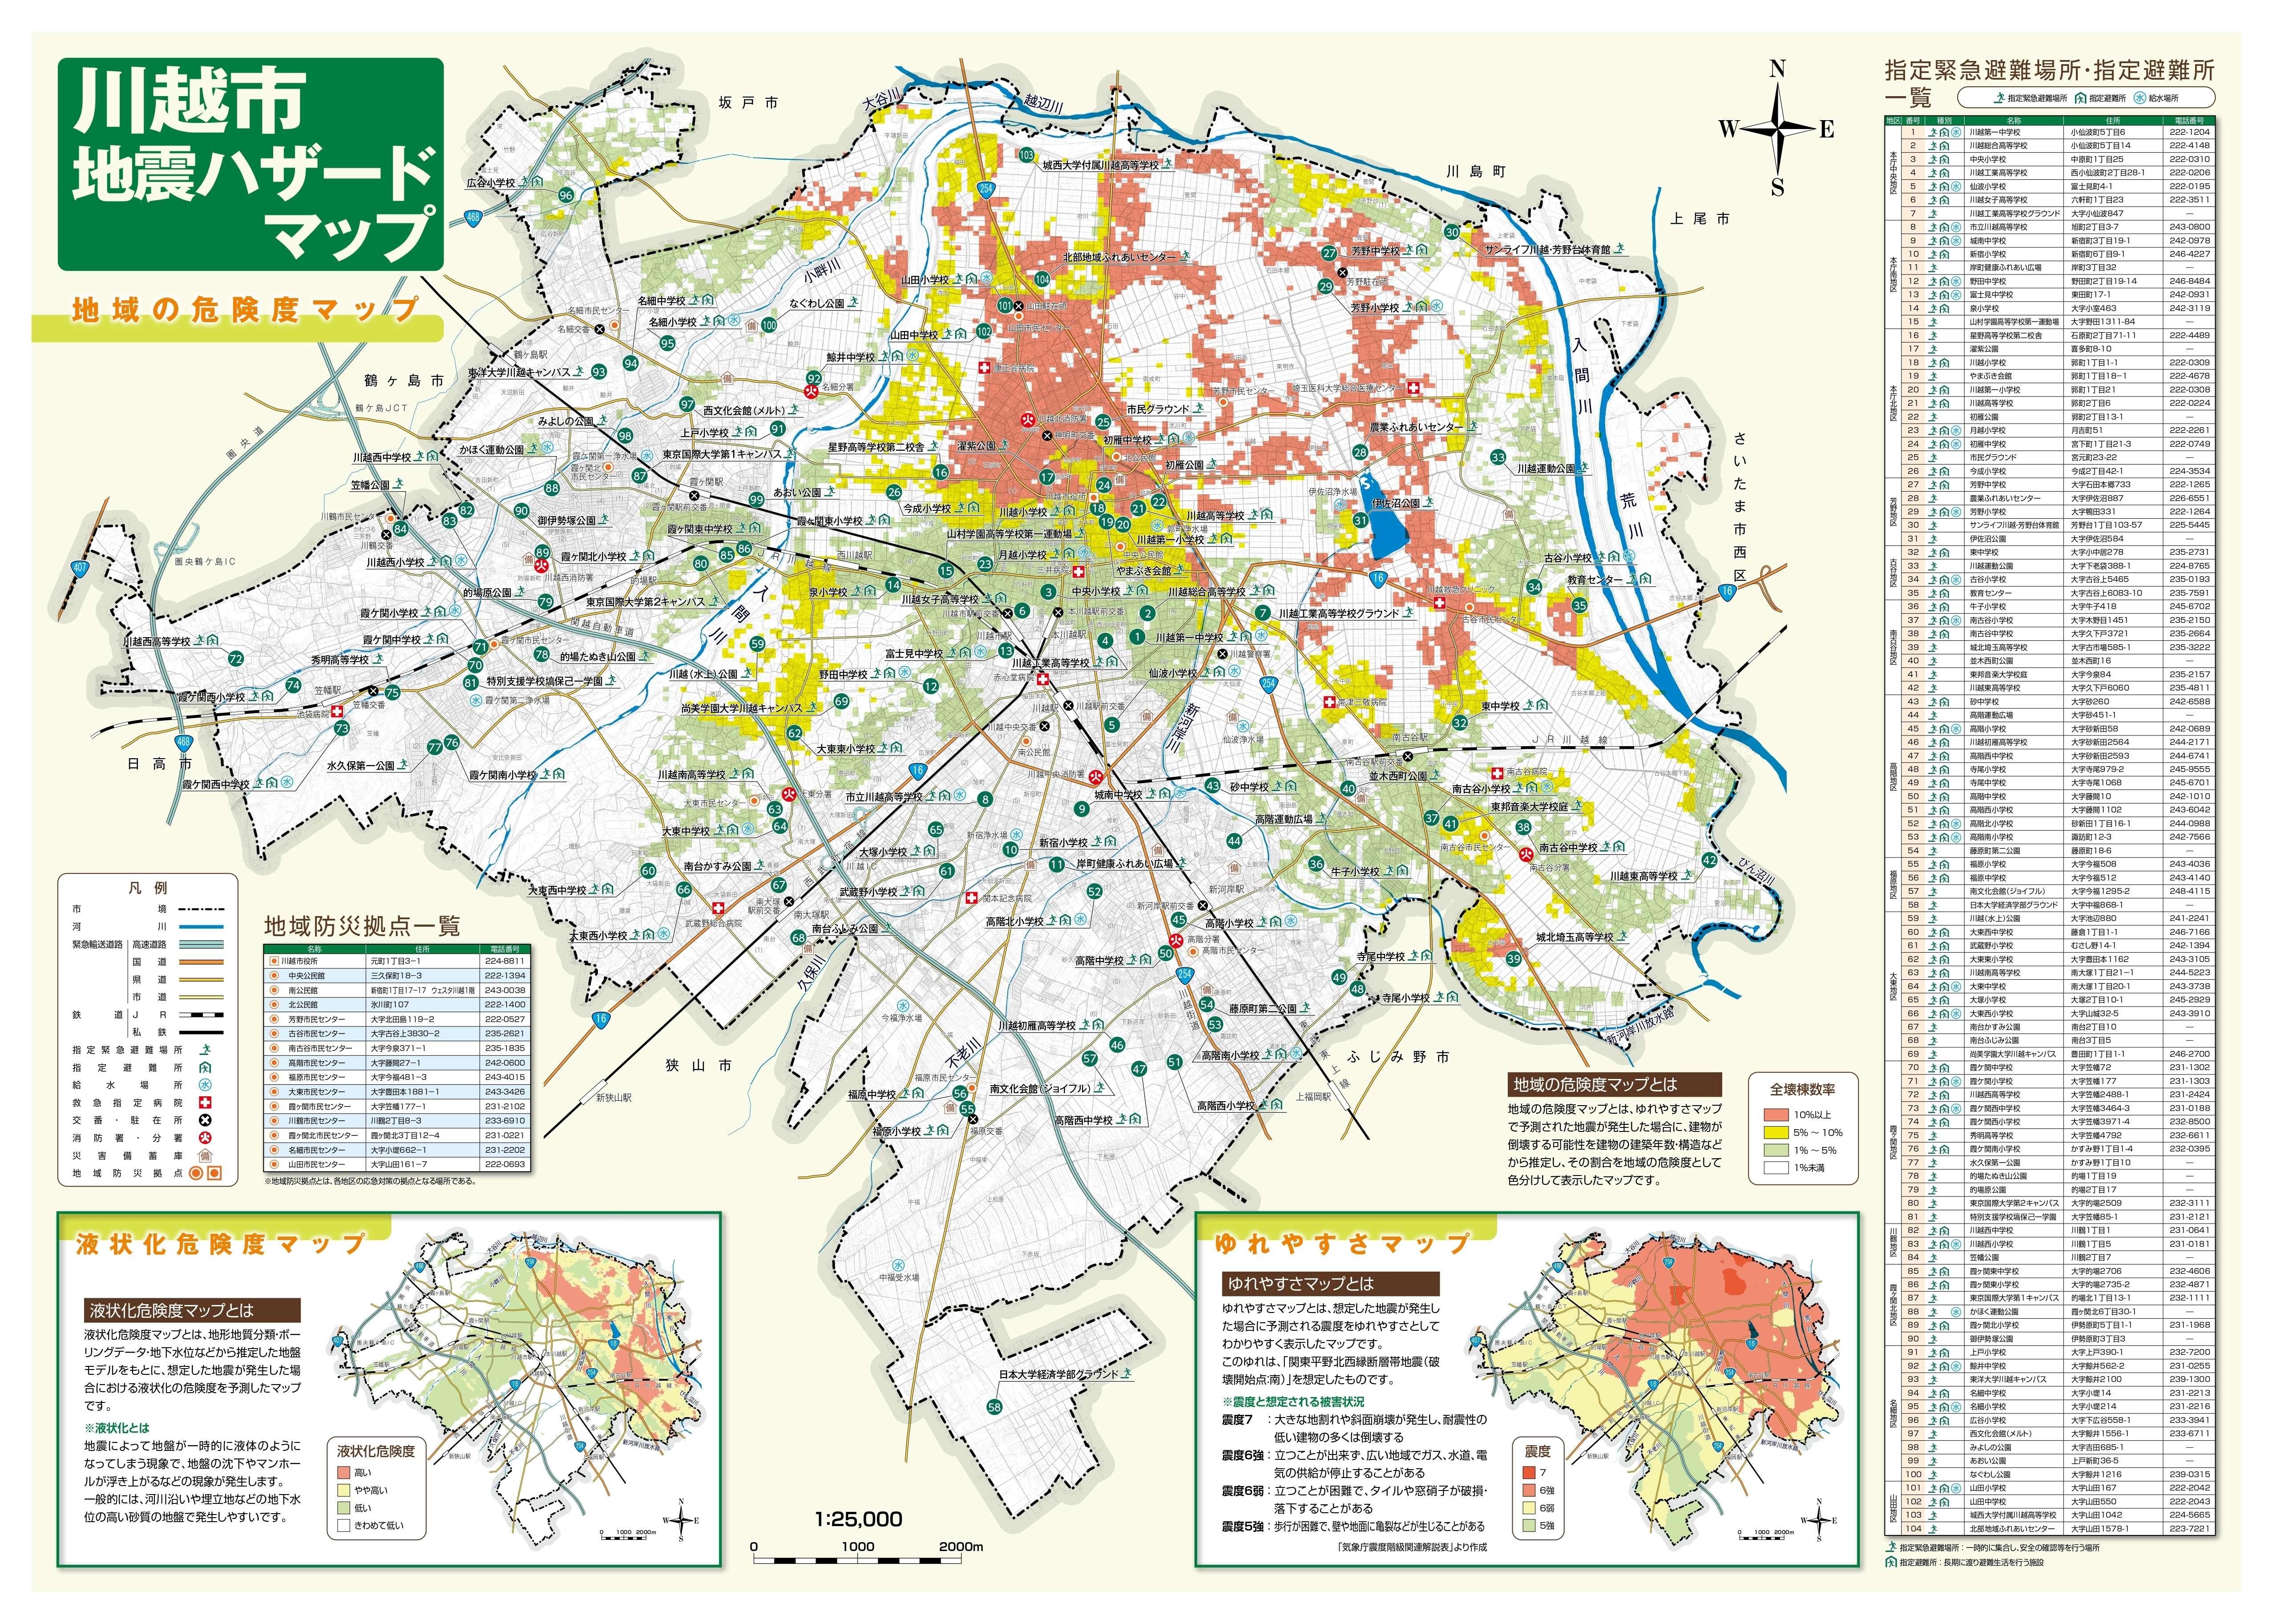 ハザード 川越 マップ 市